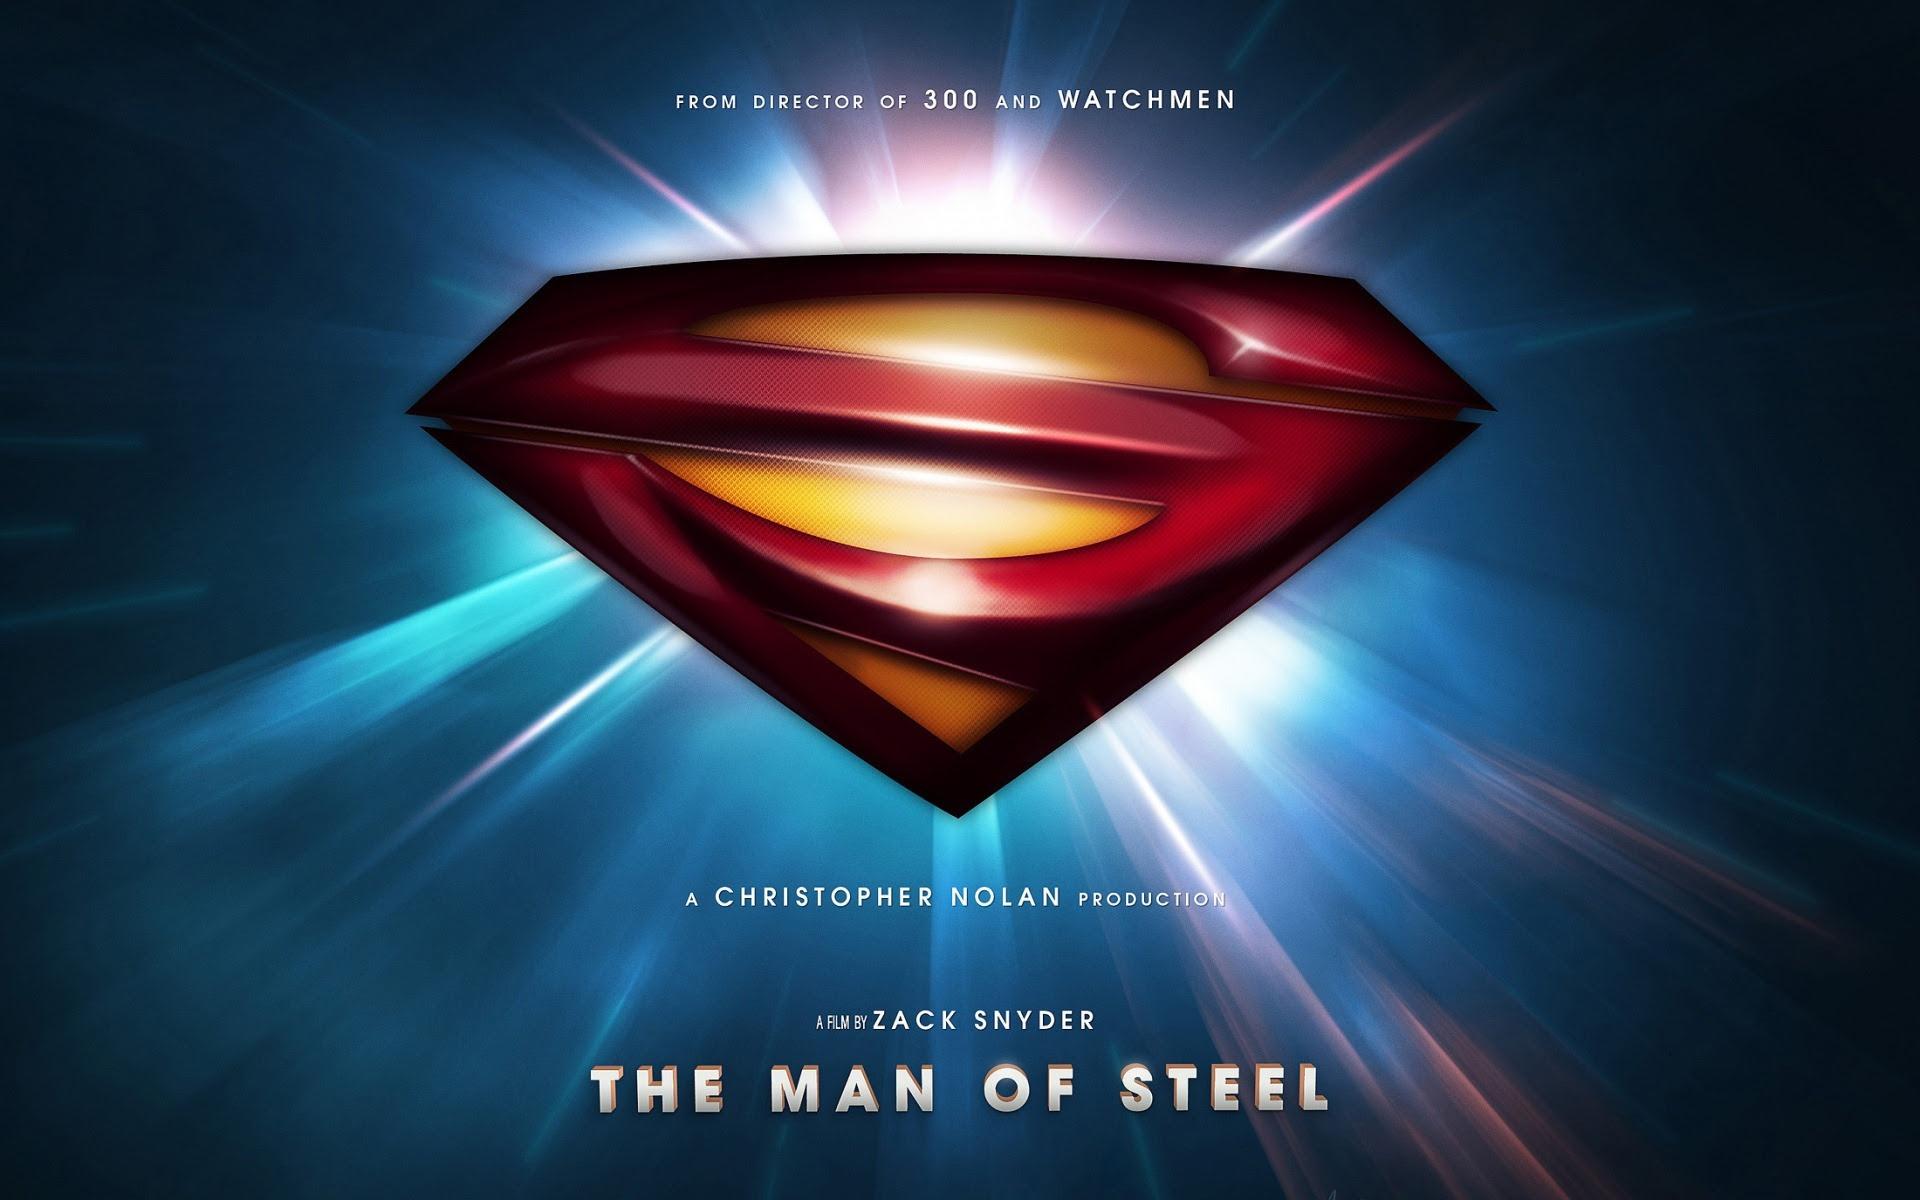 スーパーマン 鋼鉄のhdの壁紙の男 1 1920x1200 壁紙ダウンロード